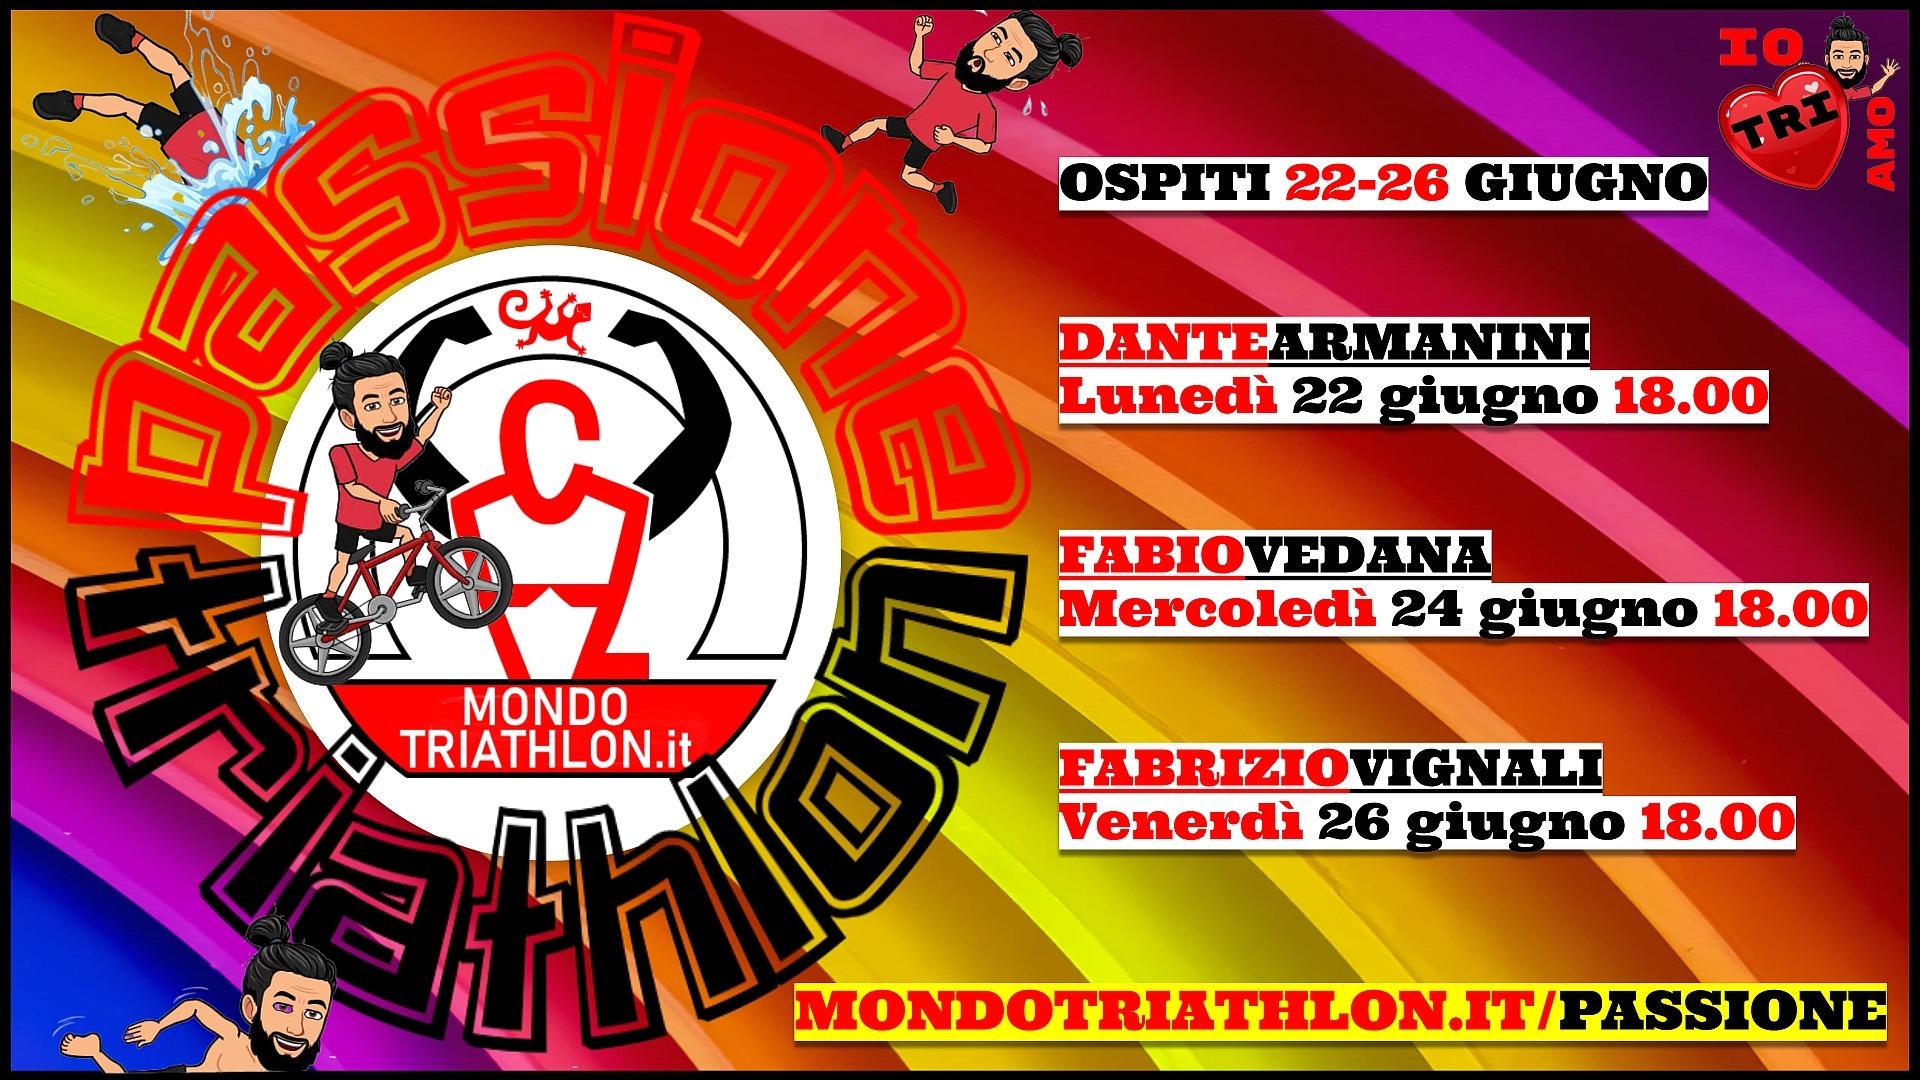 Passione Triathlon, il palinsesto dal 22 al 26 giugno 2020